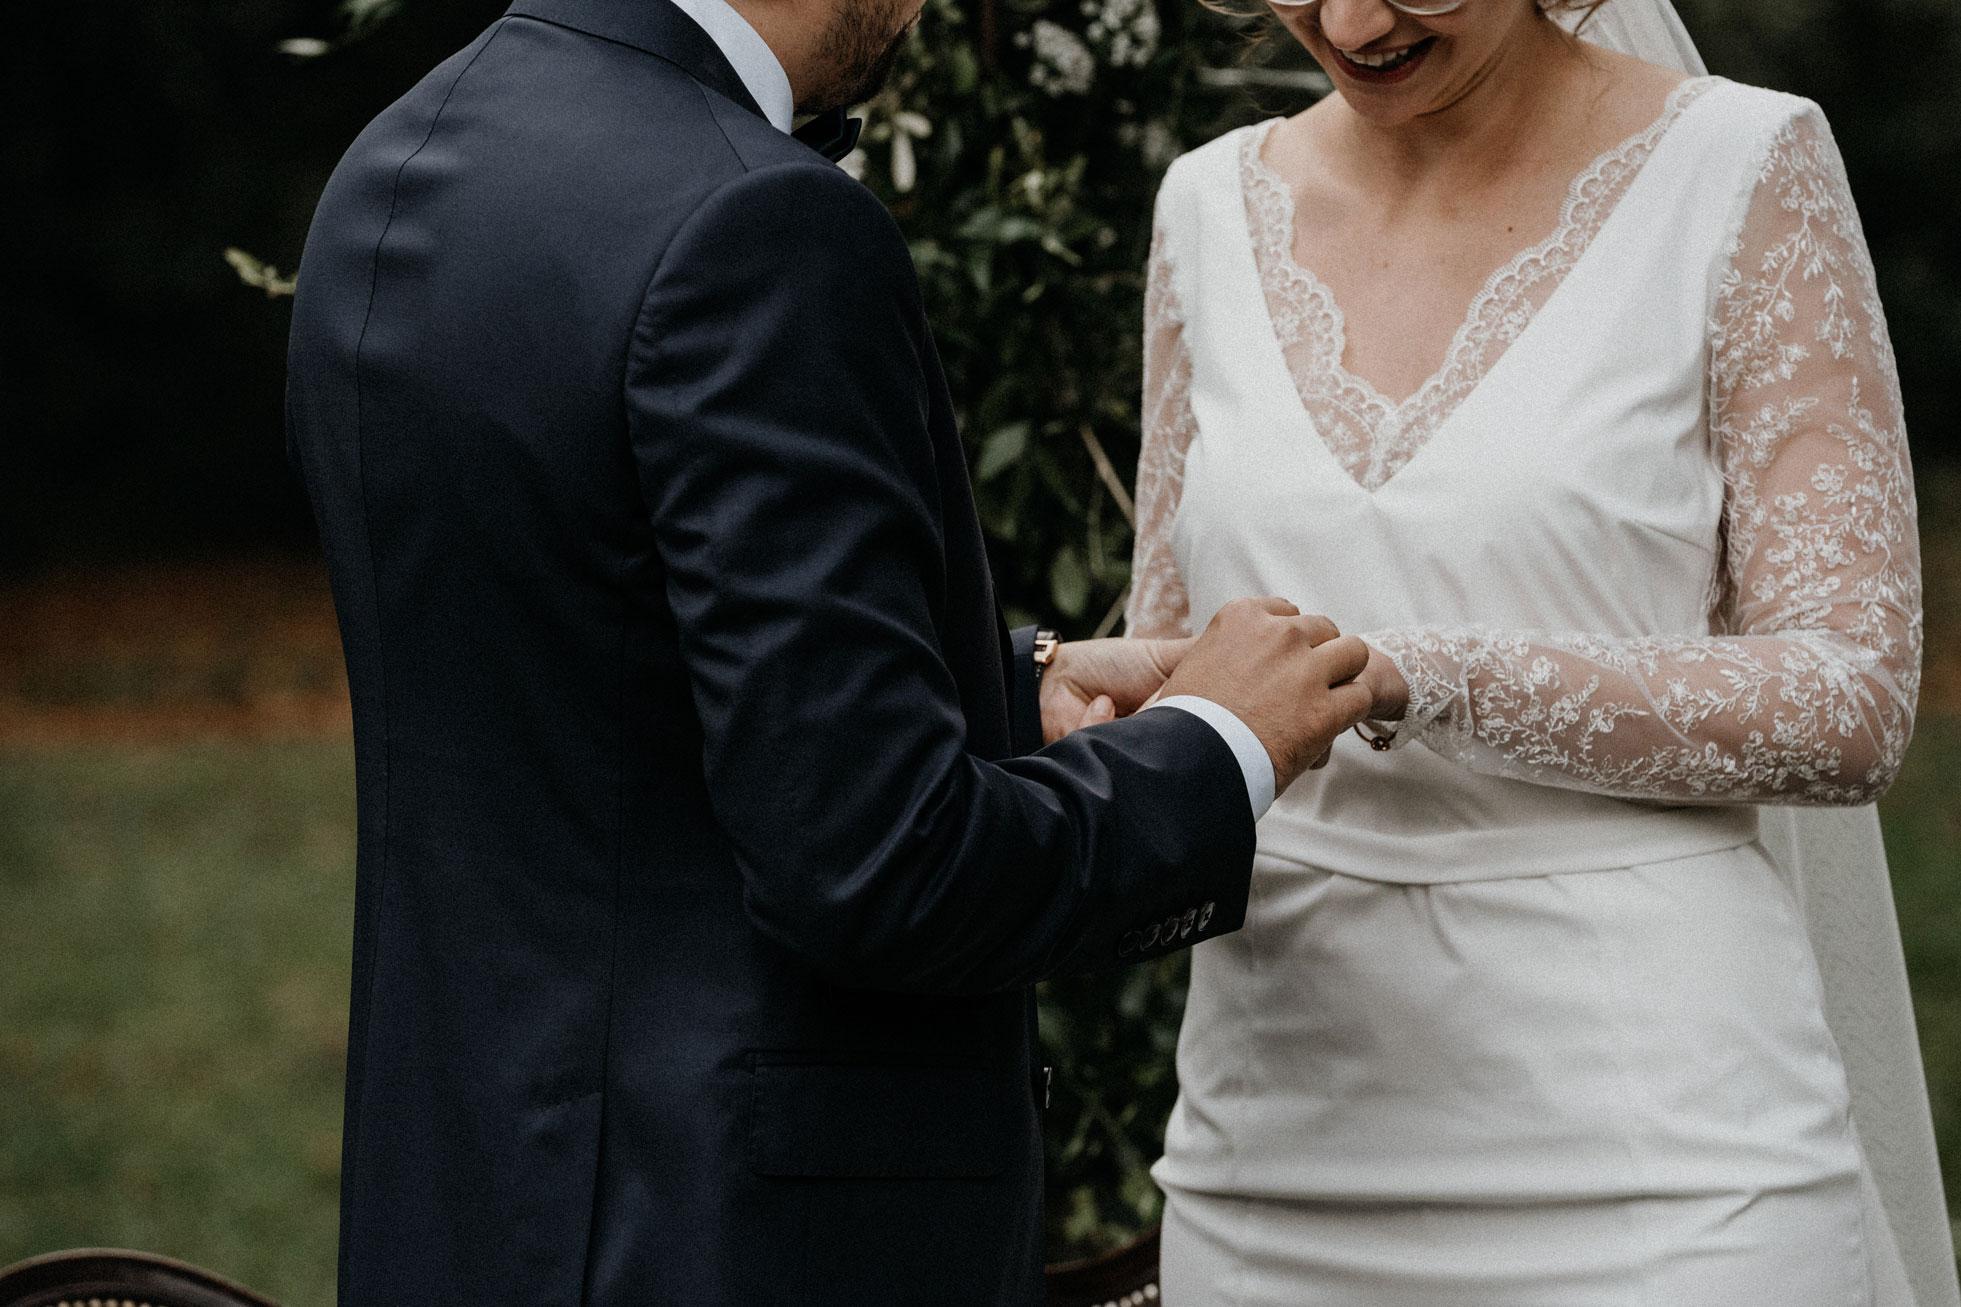 Hochzeit_Claire_Manuel_Villa_Maund_Daniel_Jenny-193.jpg